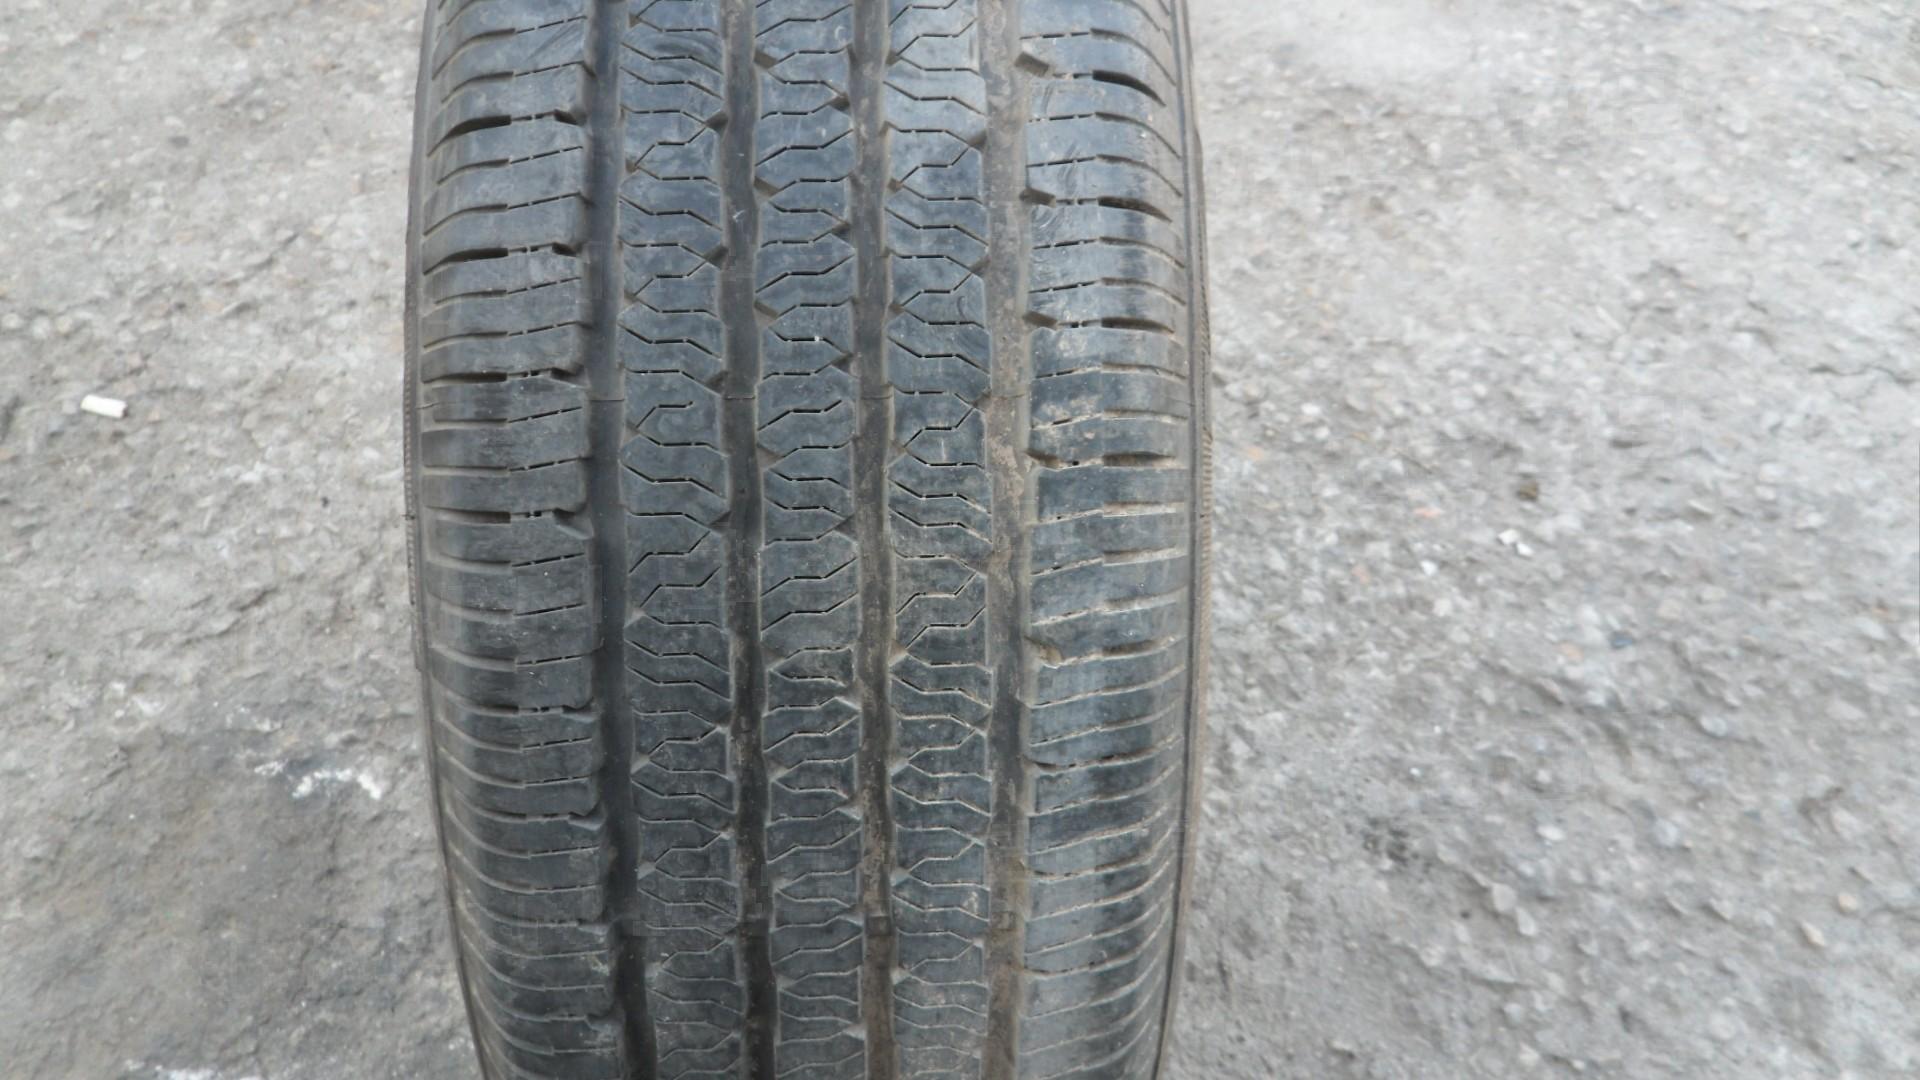 Резервна гума с джанта за Hyundai Santa Fe 2.2 CRDI, 2007г., 52910-2B170, 529102B170, размер гума - 235/65R17, размер джанта - 7JX17